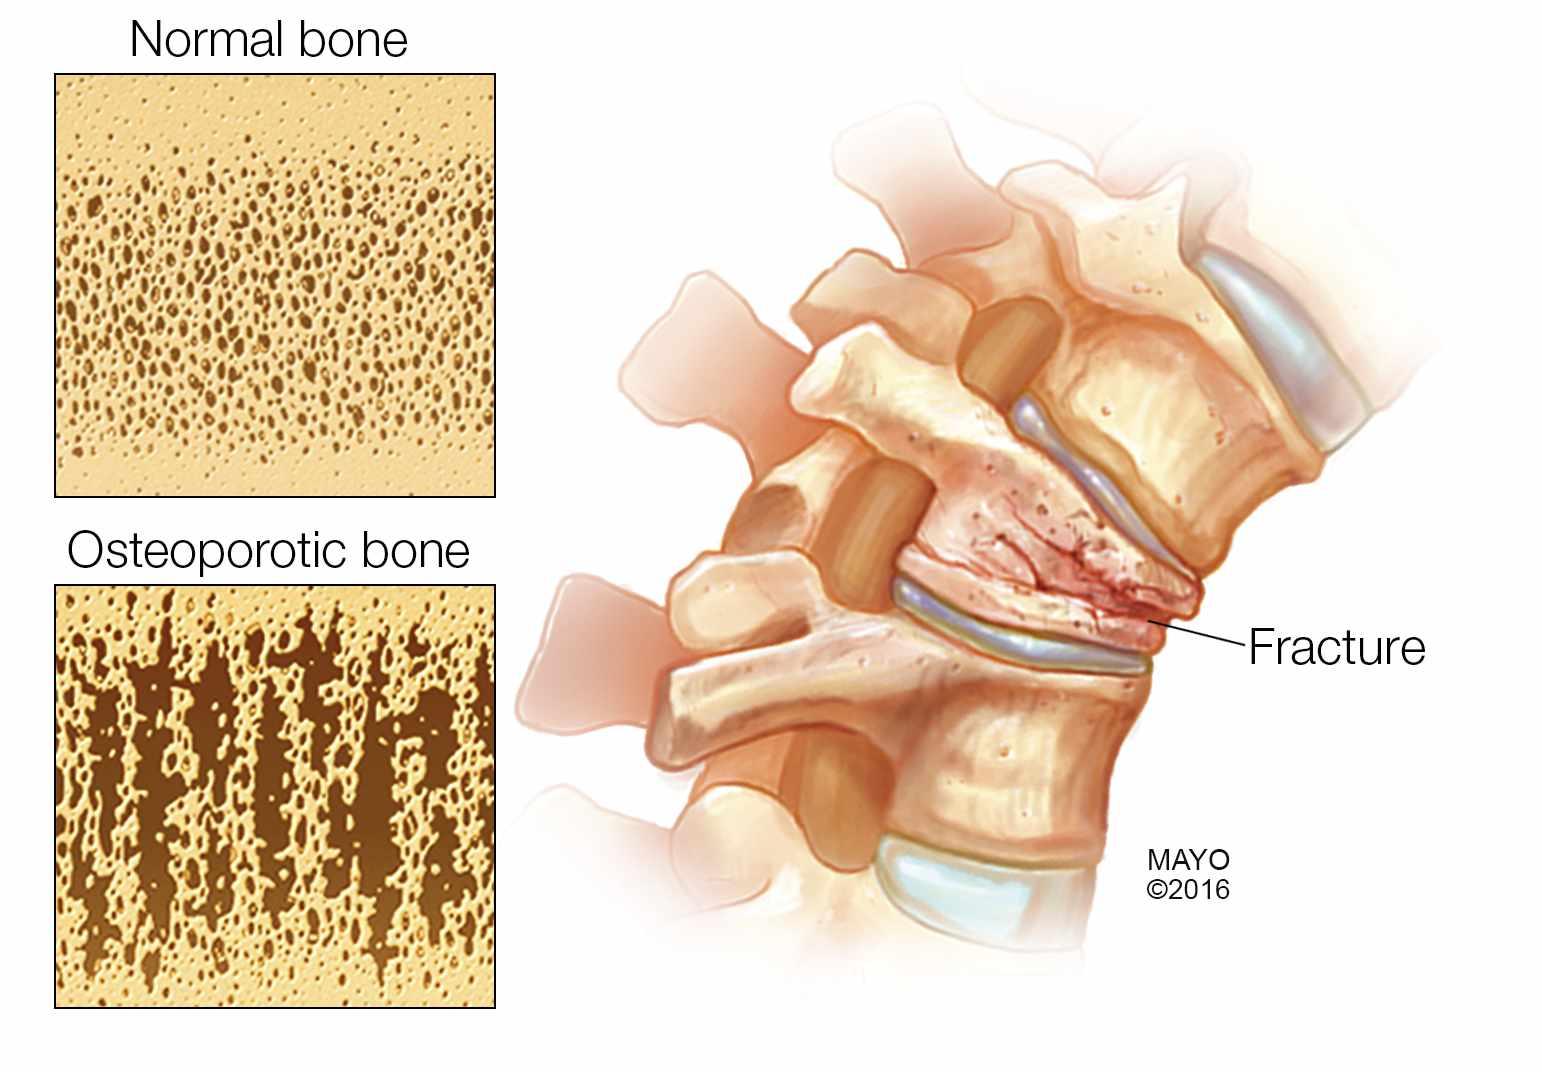 medical illustration of fractured bone, osteoporosis